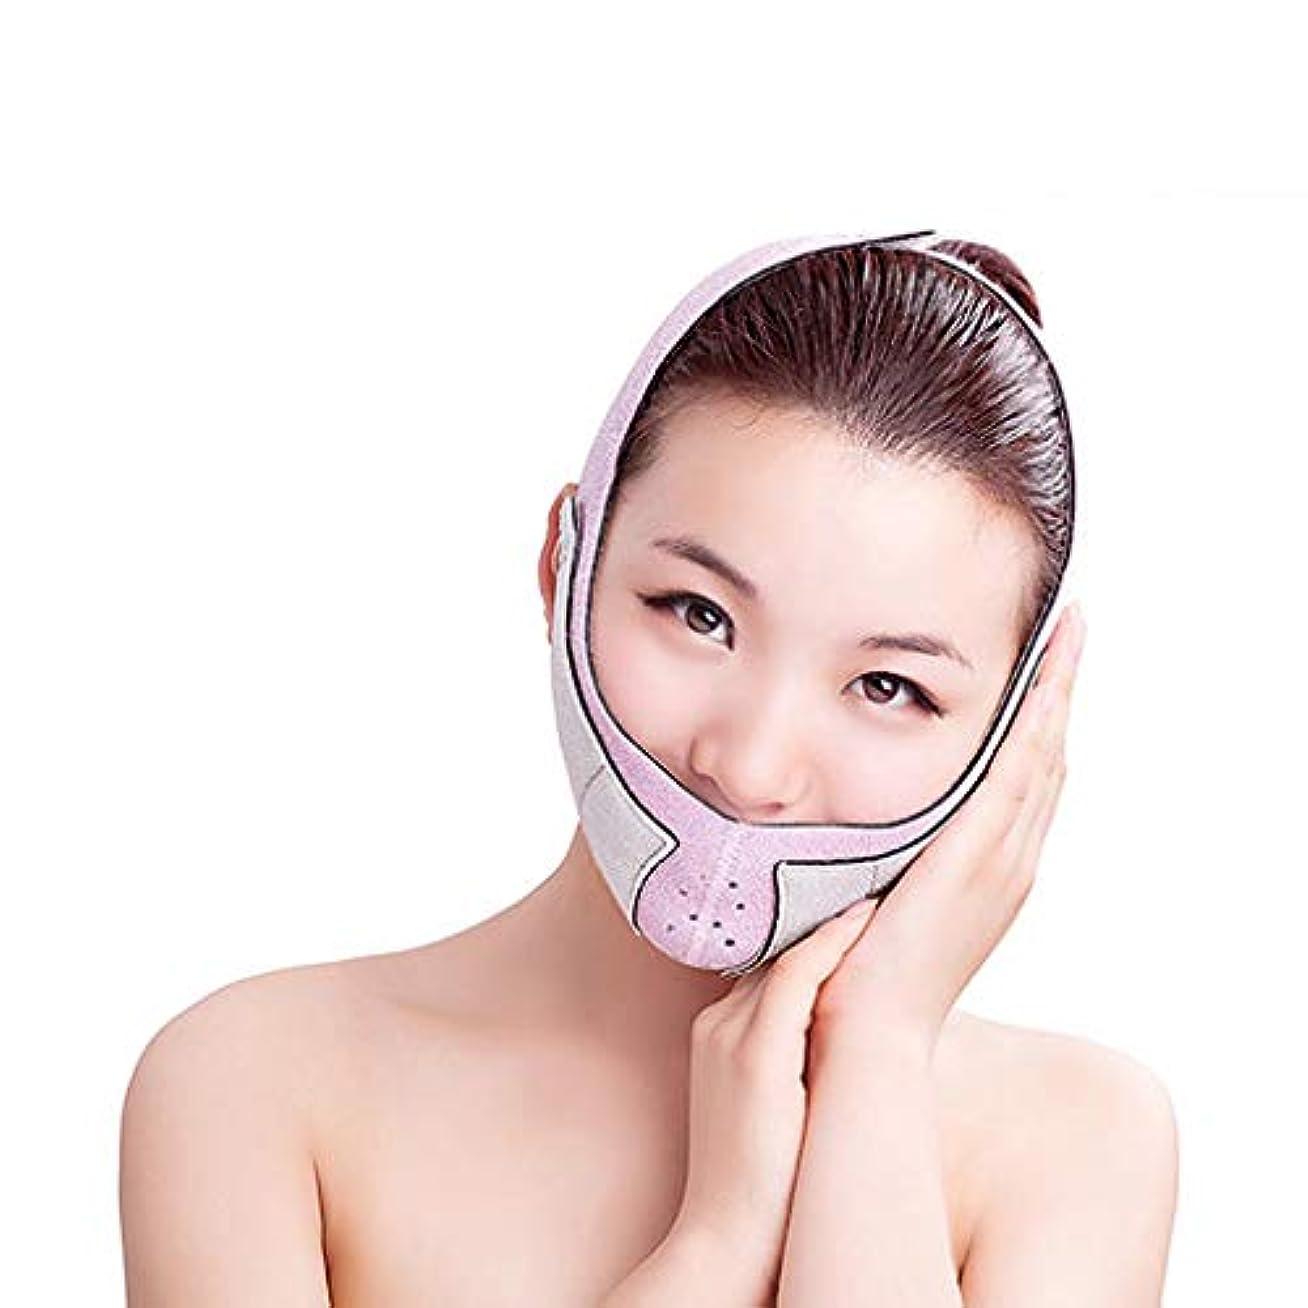 突破口機関車永遠に減量マスク頬の皮膚会社顎顔リフトマスクマイクロリカバリー固定包帯